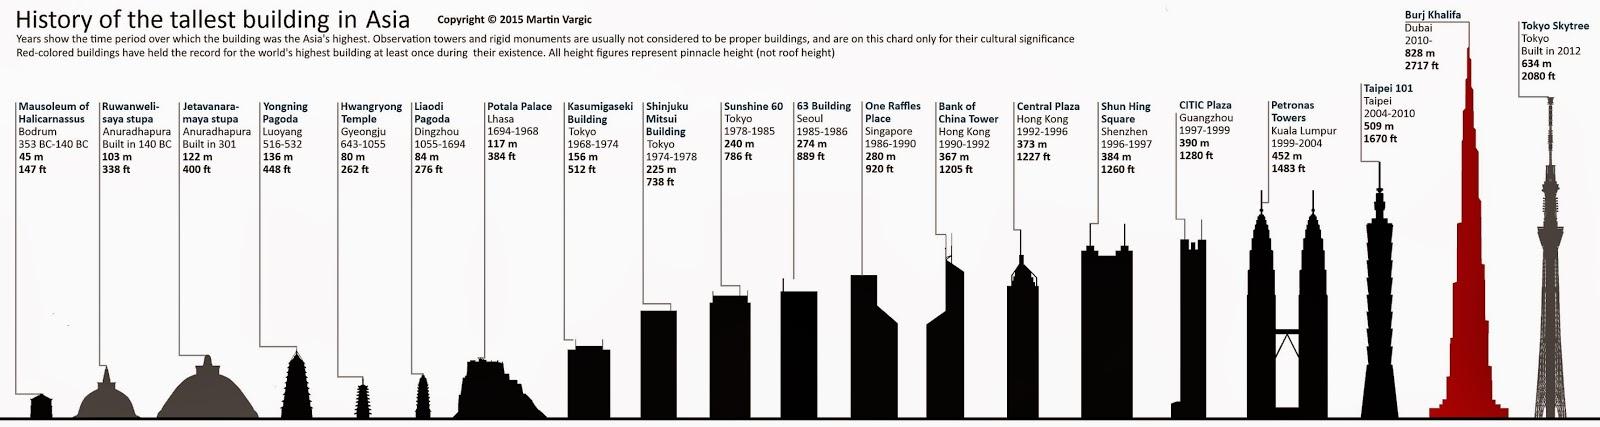 Las construcciones más altas de Asia. Las construcciones más altas del mundo